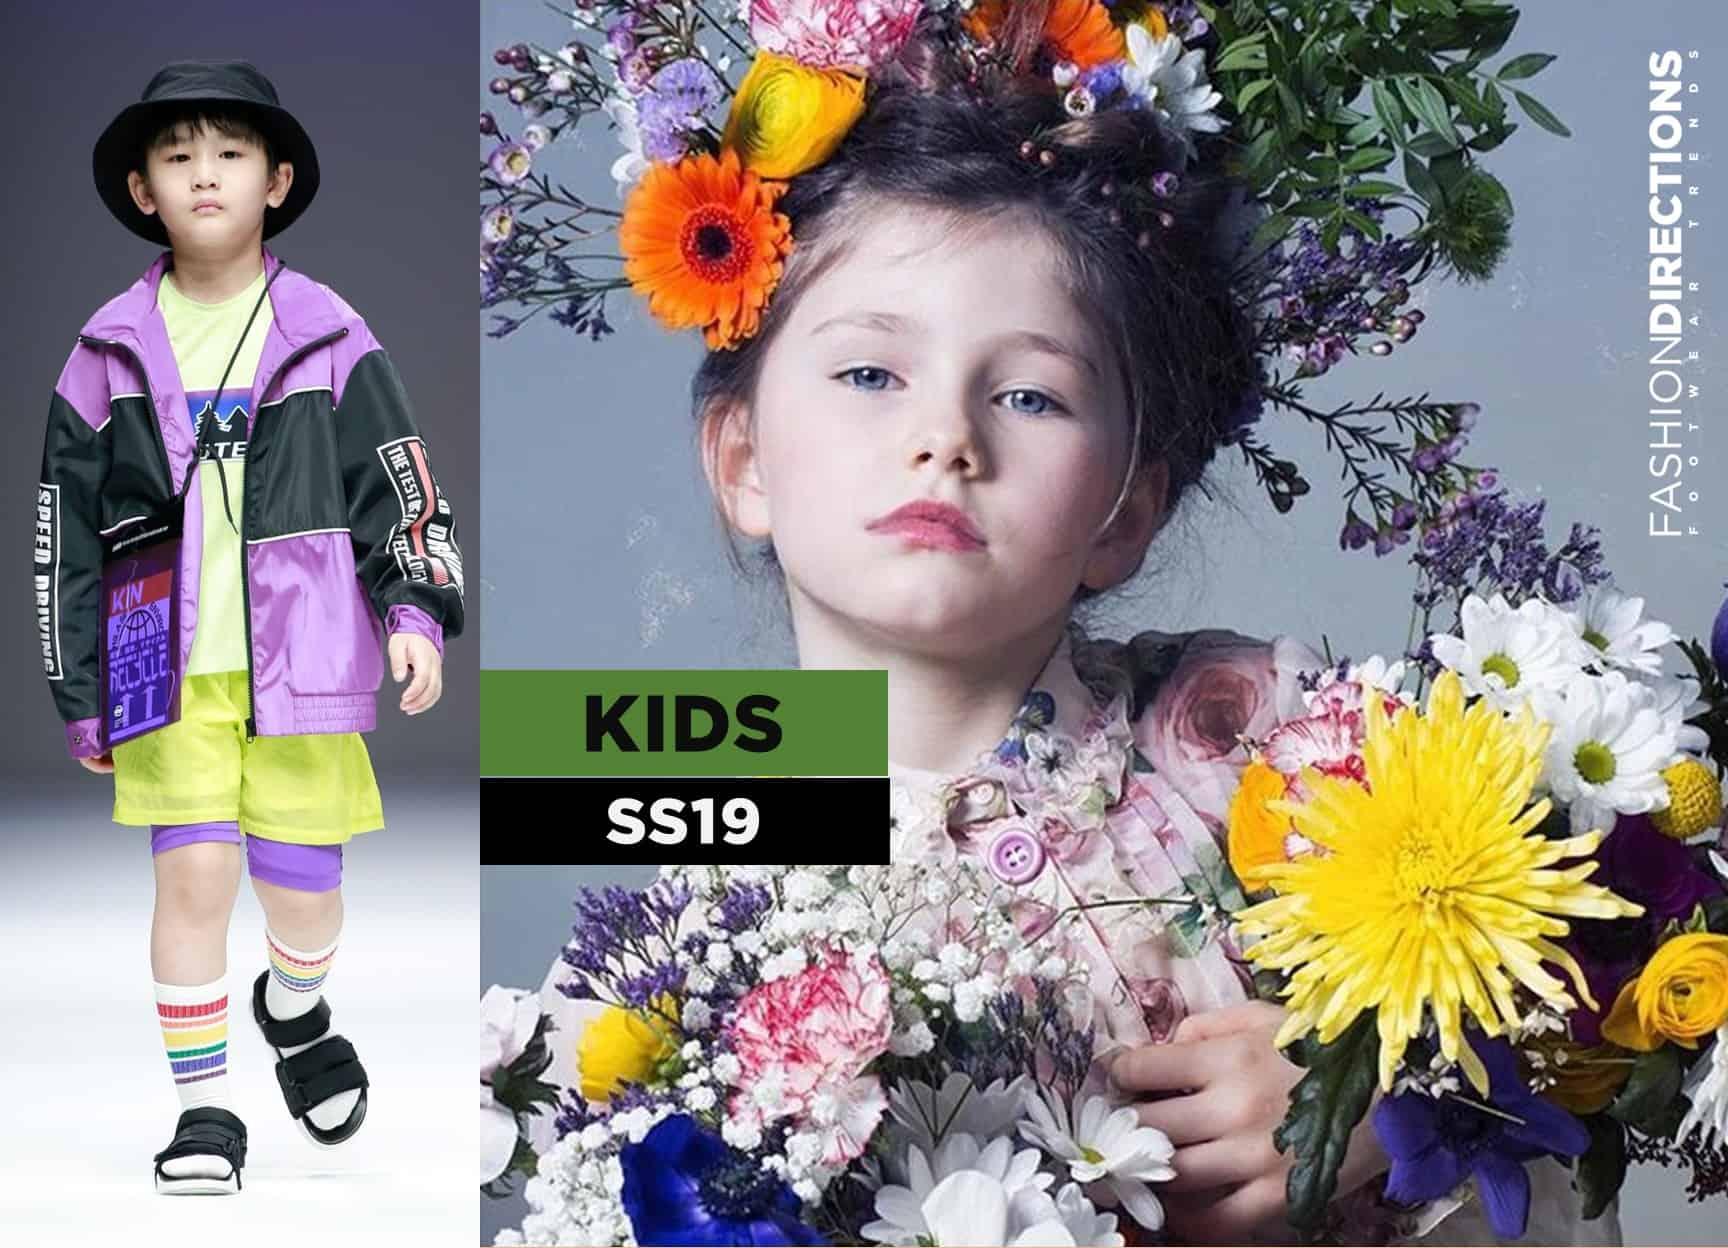 SS19 kids footwear 1 P